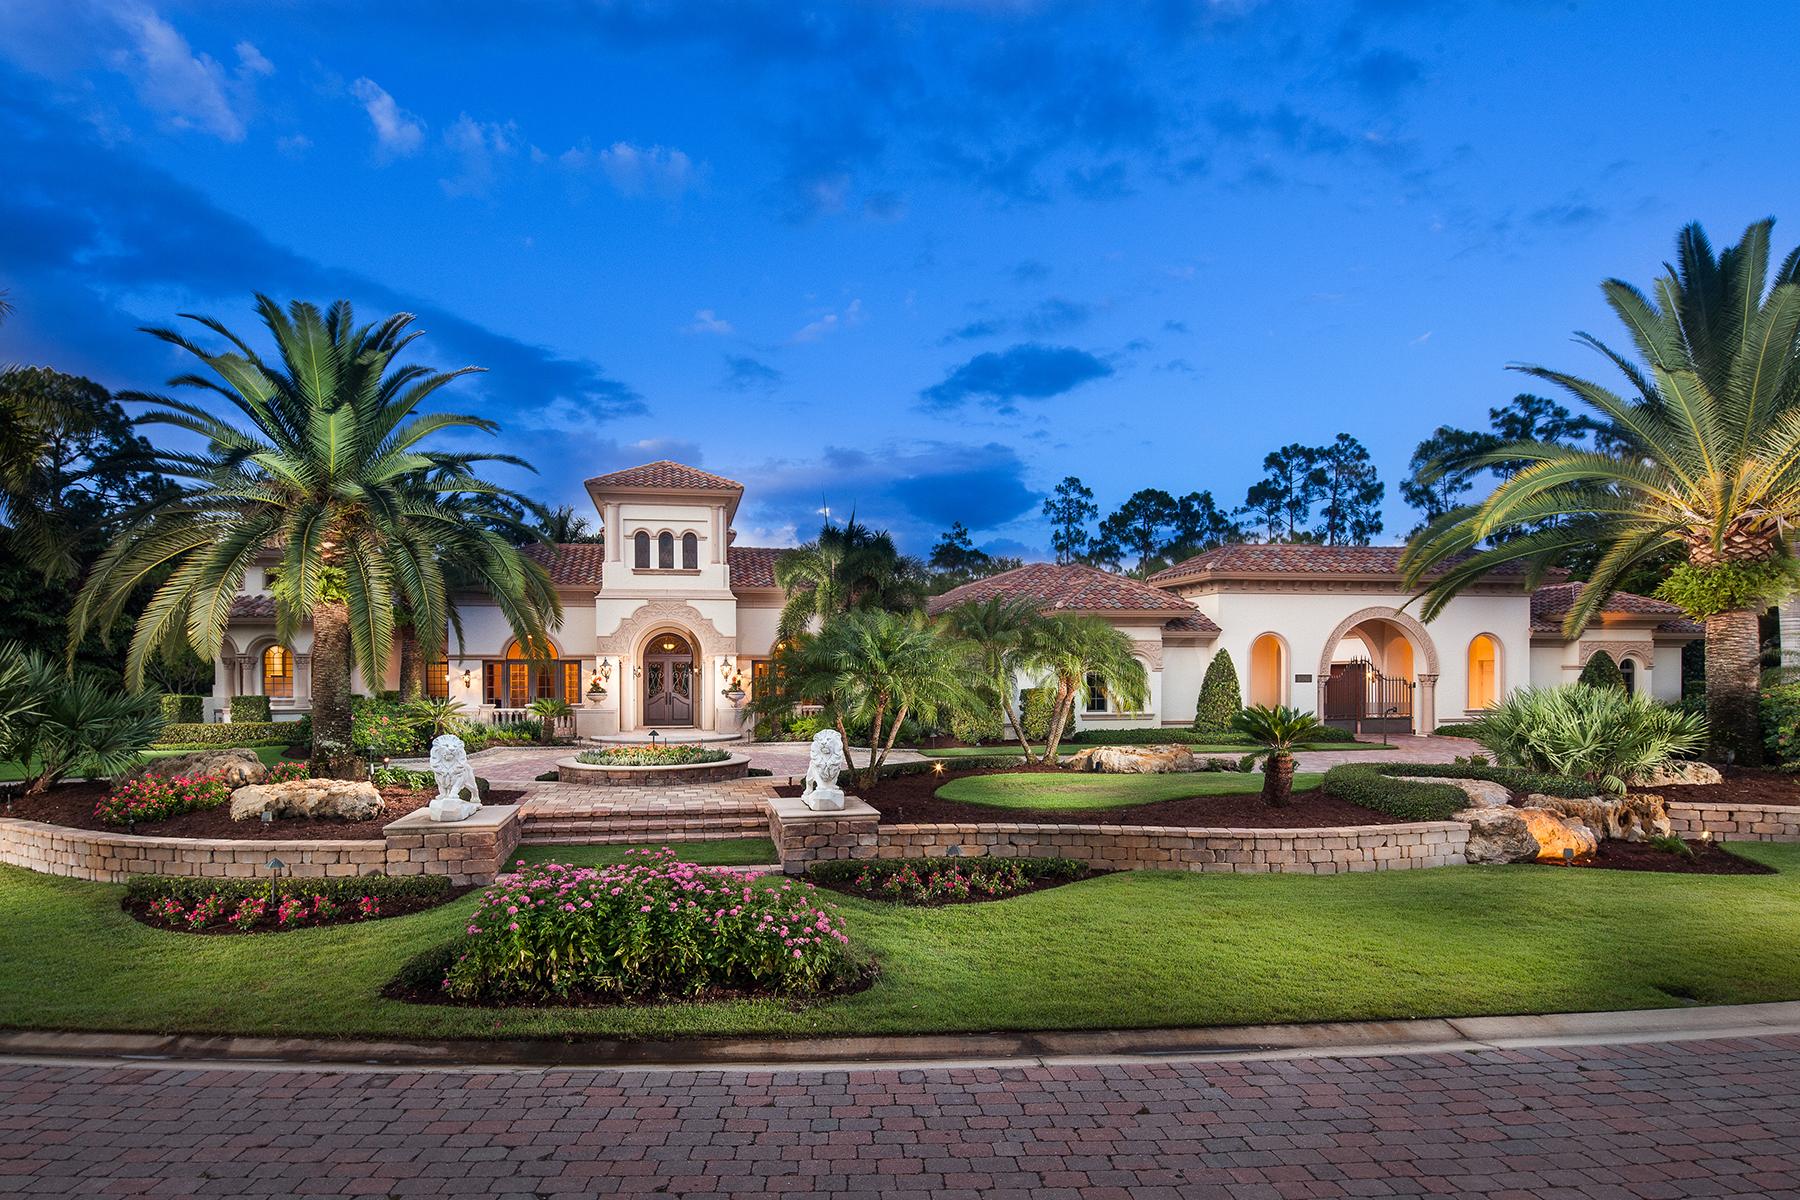 단독 가정 주택 용 매매 에 MEDITERRA - VERONA 16961 Verona Ln Naples, 플로리다, 34110 미국